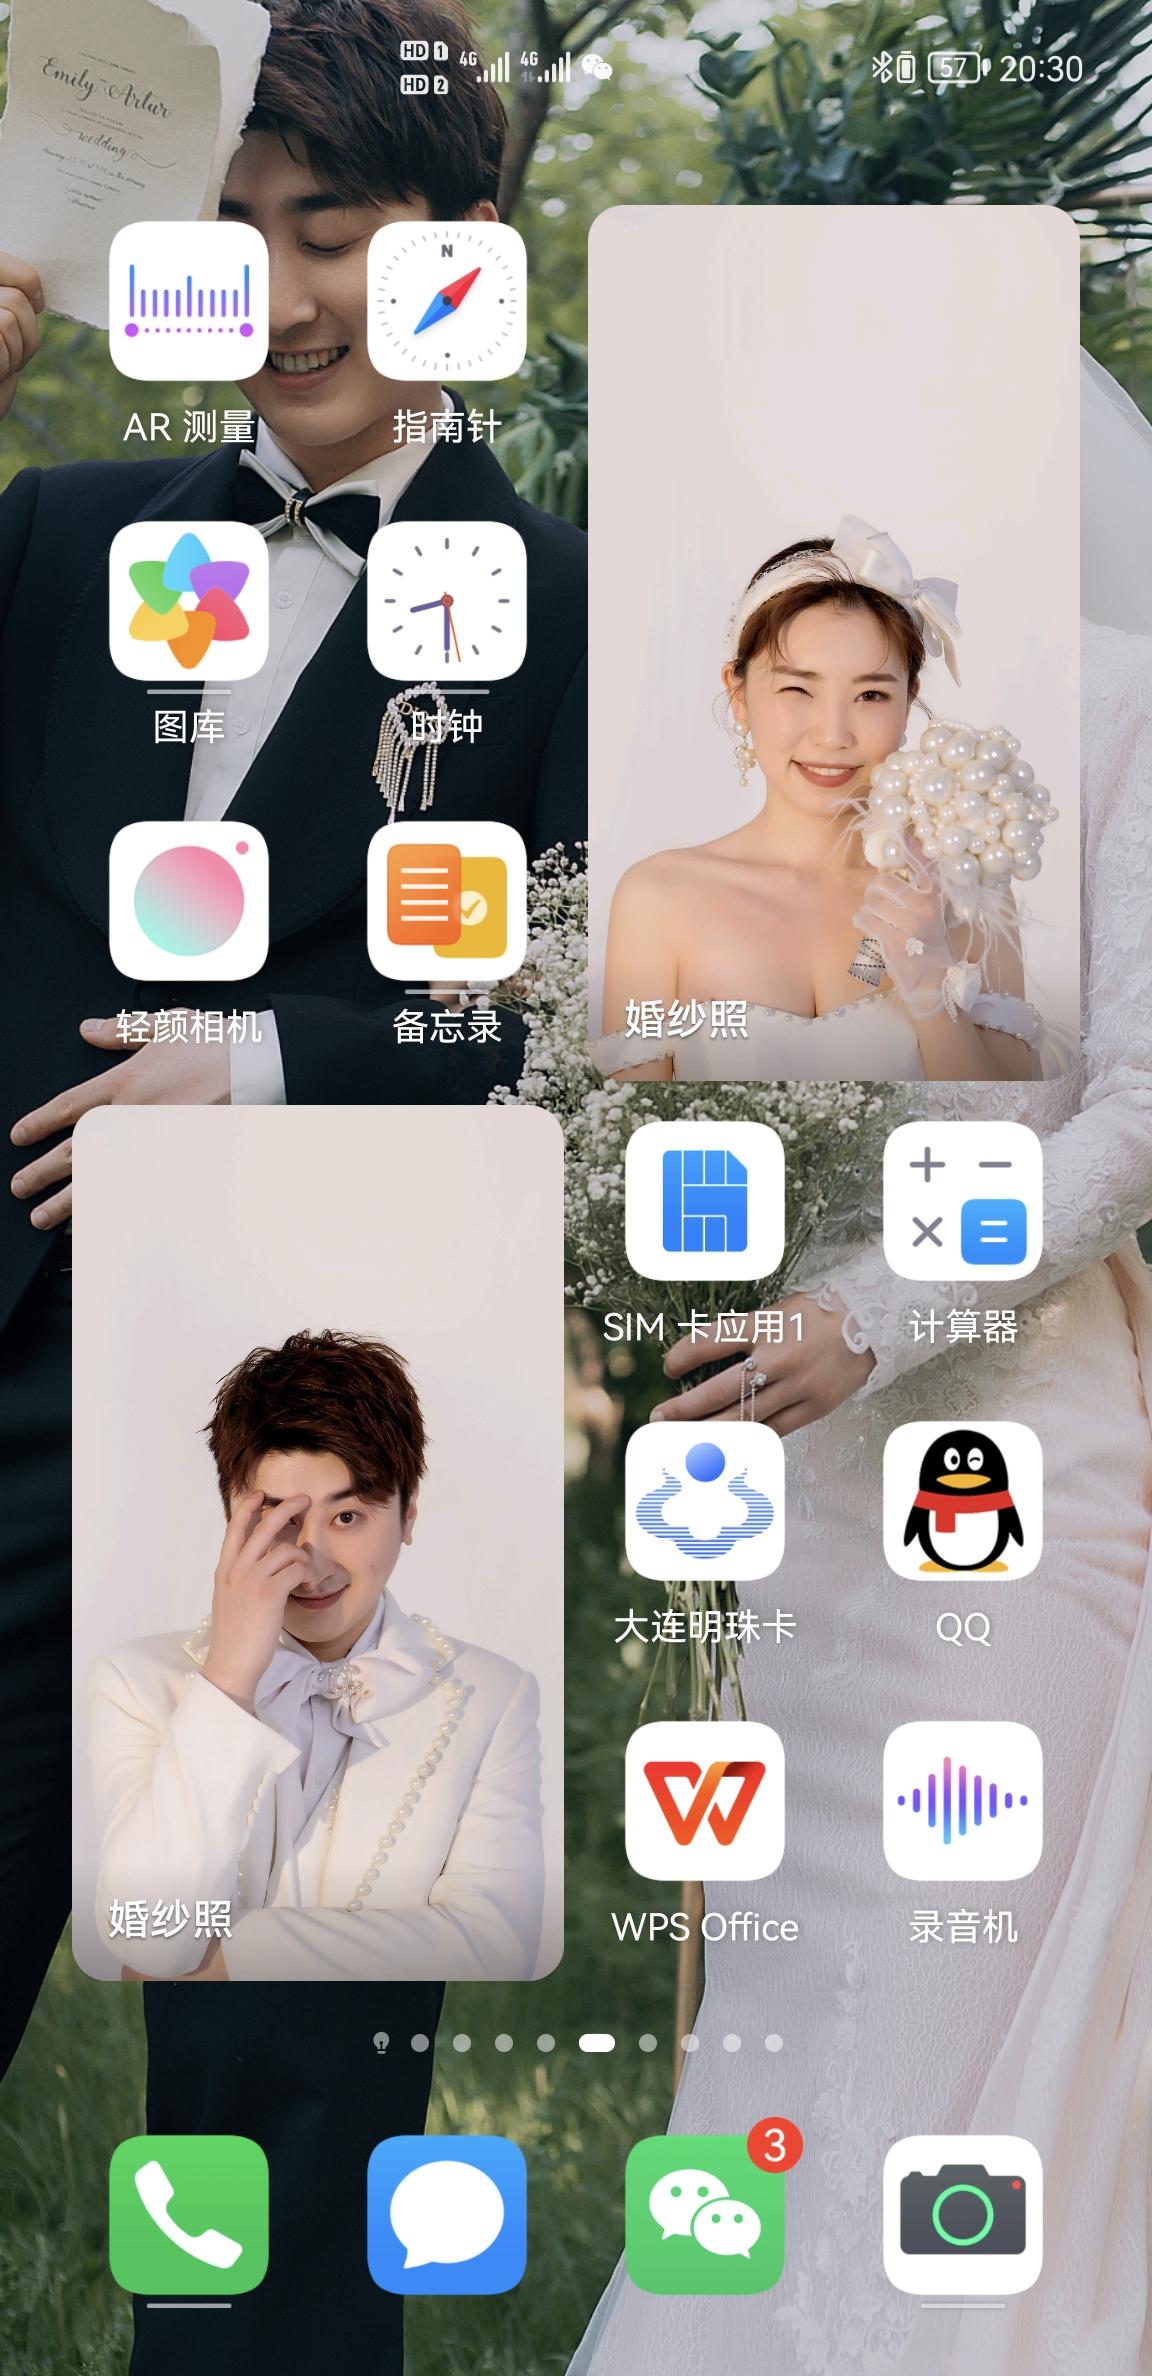 Screenshot_20210618_203029_com.huawei.android.launcher.jpg